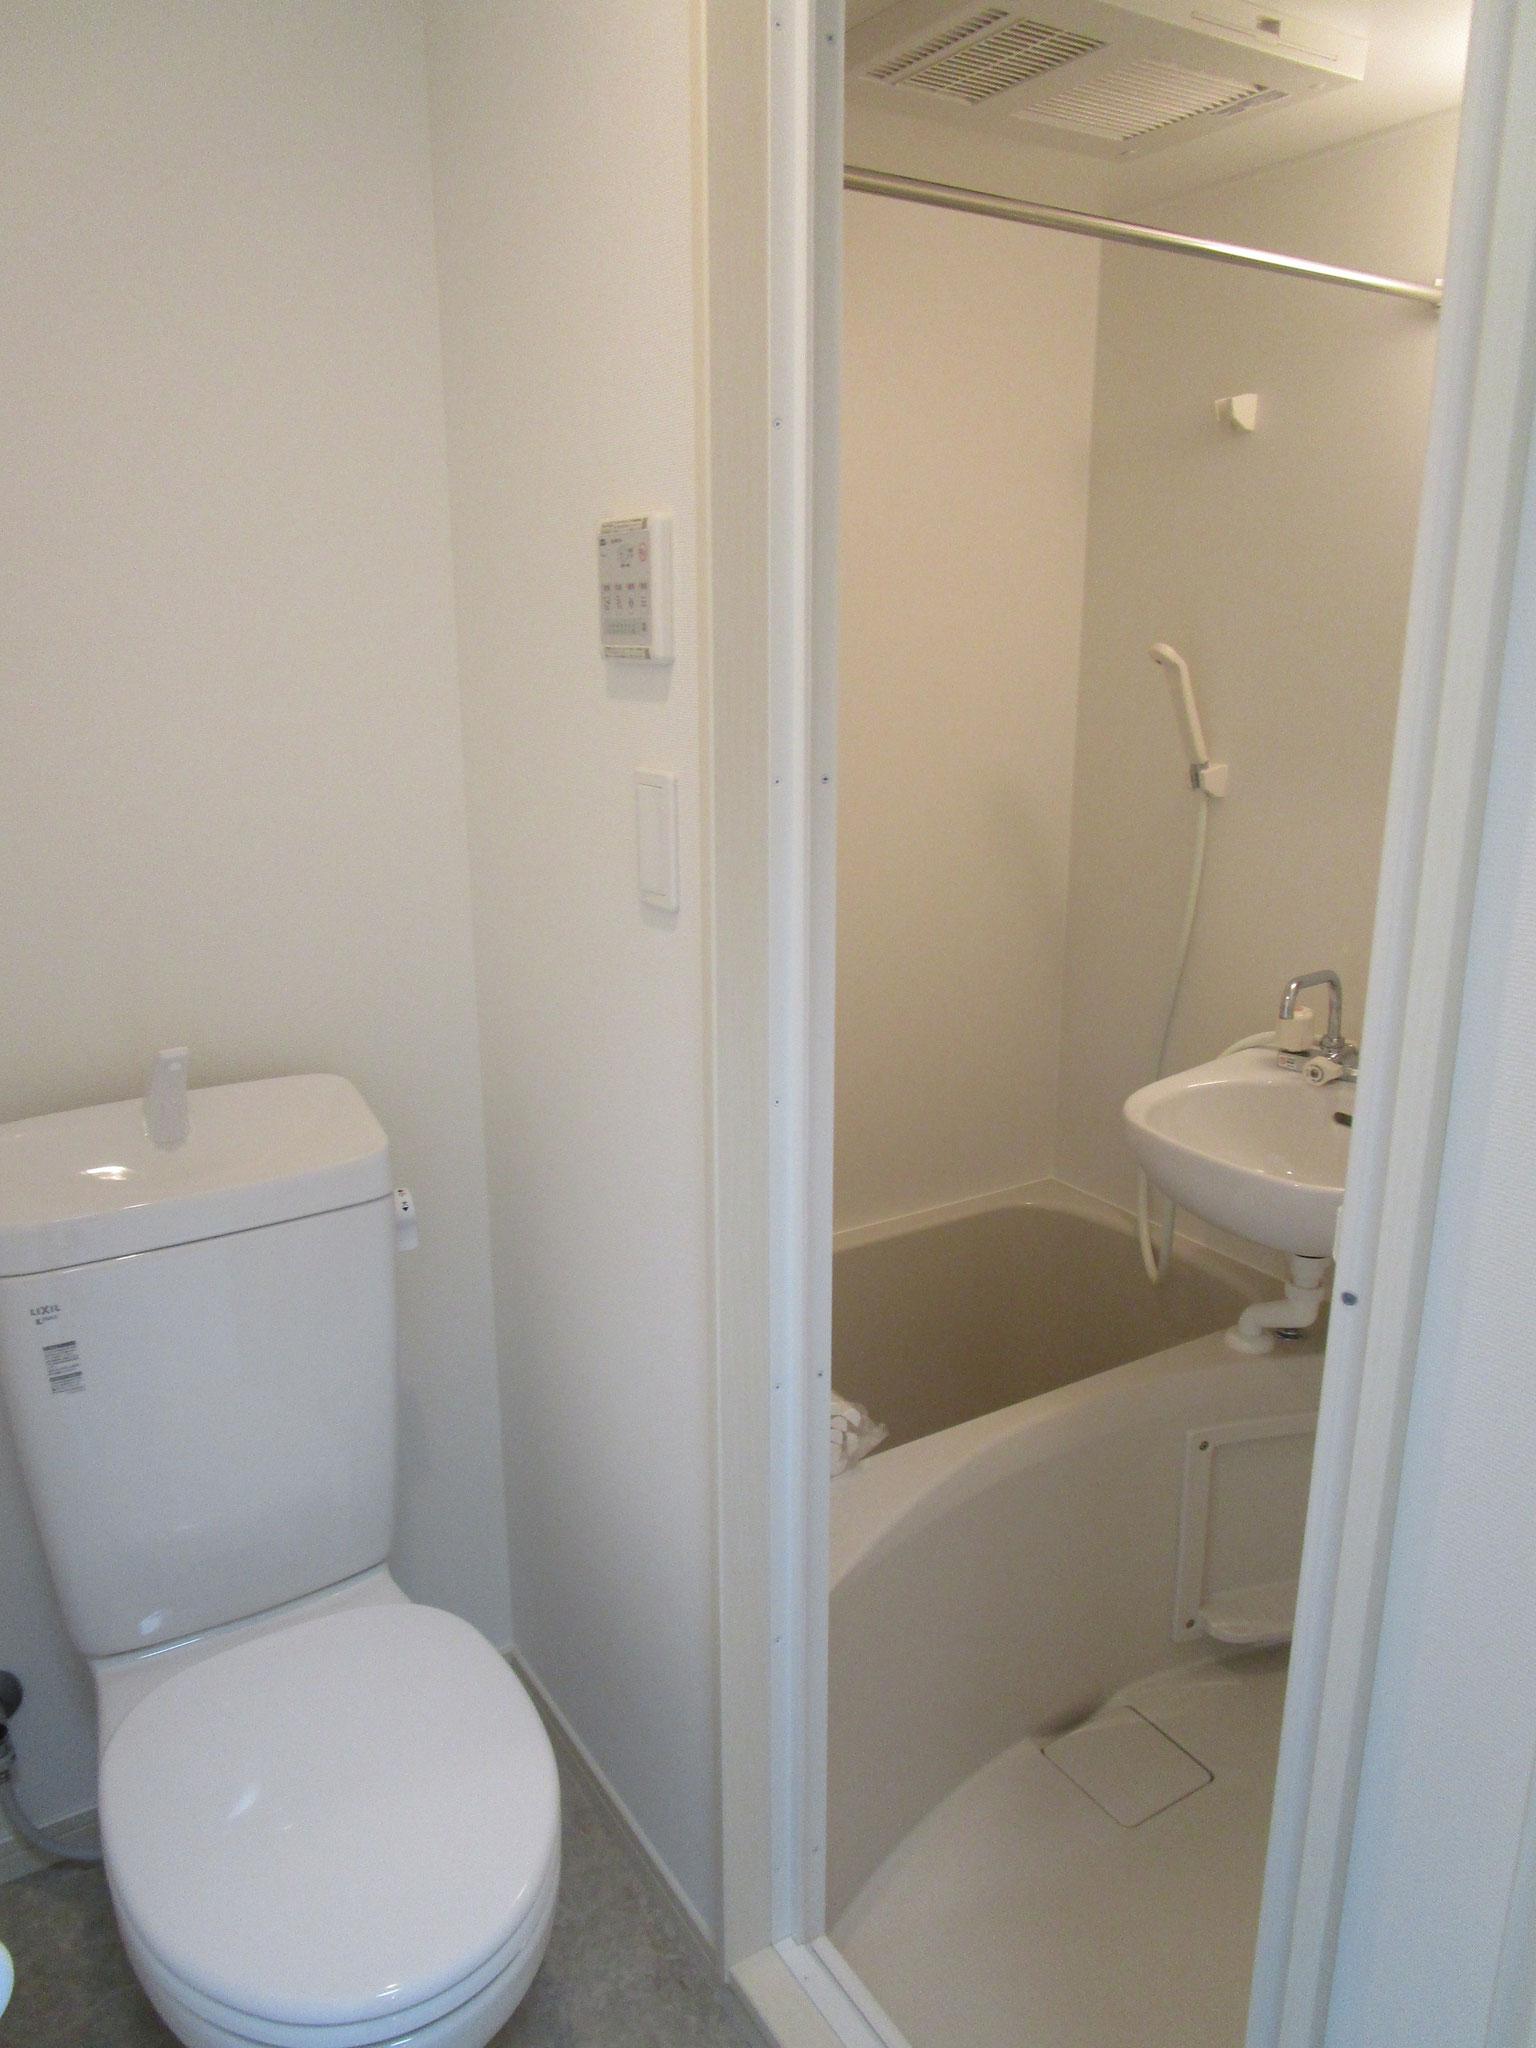 木目調の扉を開けると、トイレと、奥は浴室です